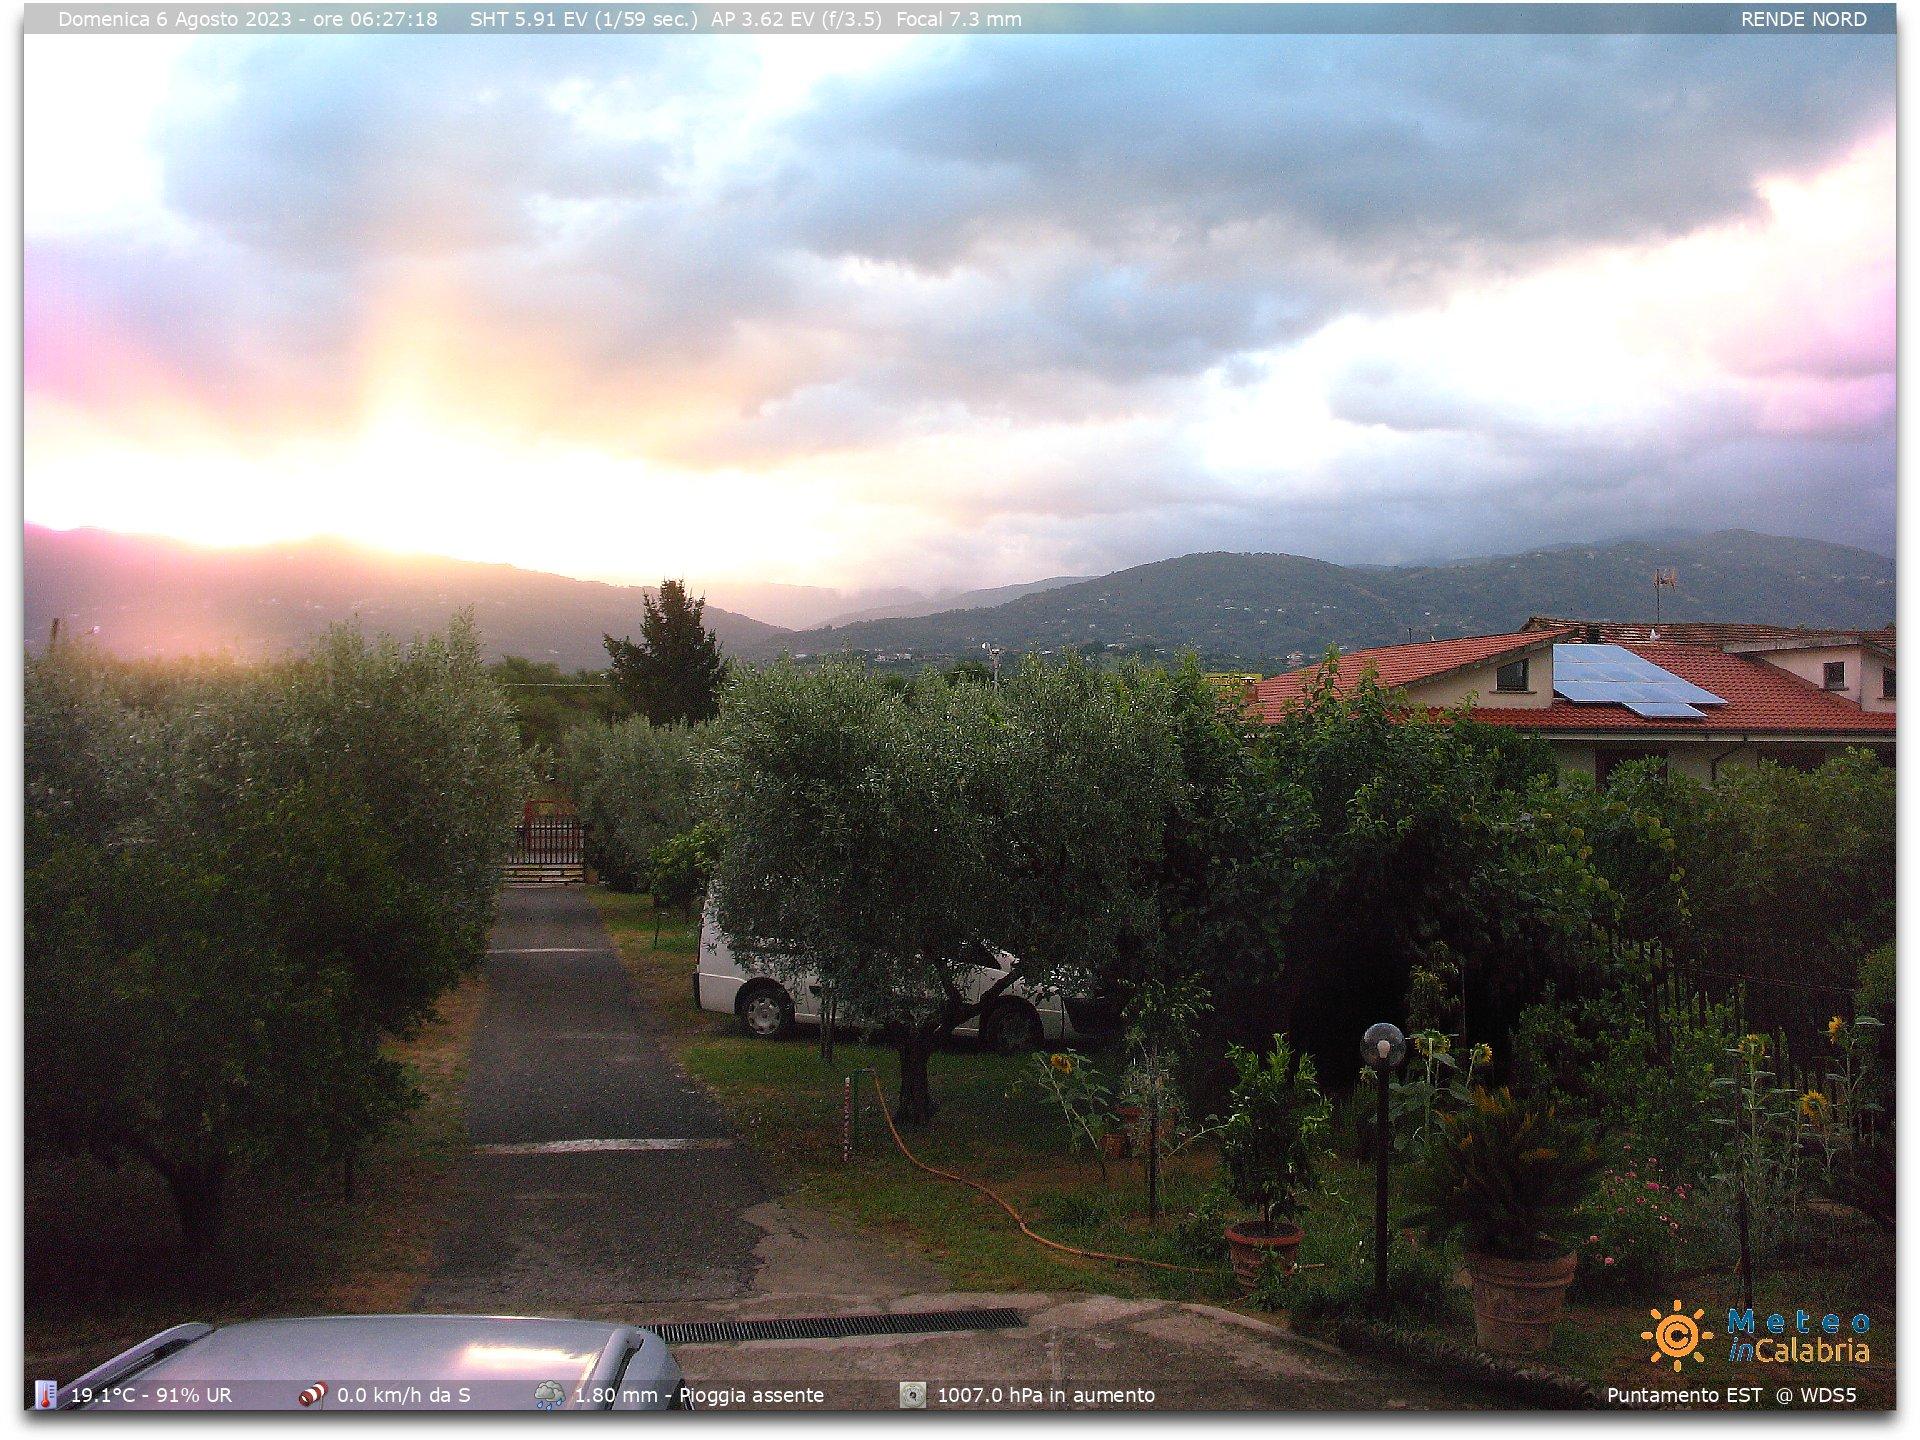 Webcam di Rende